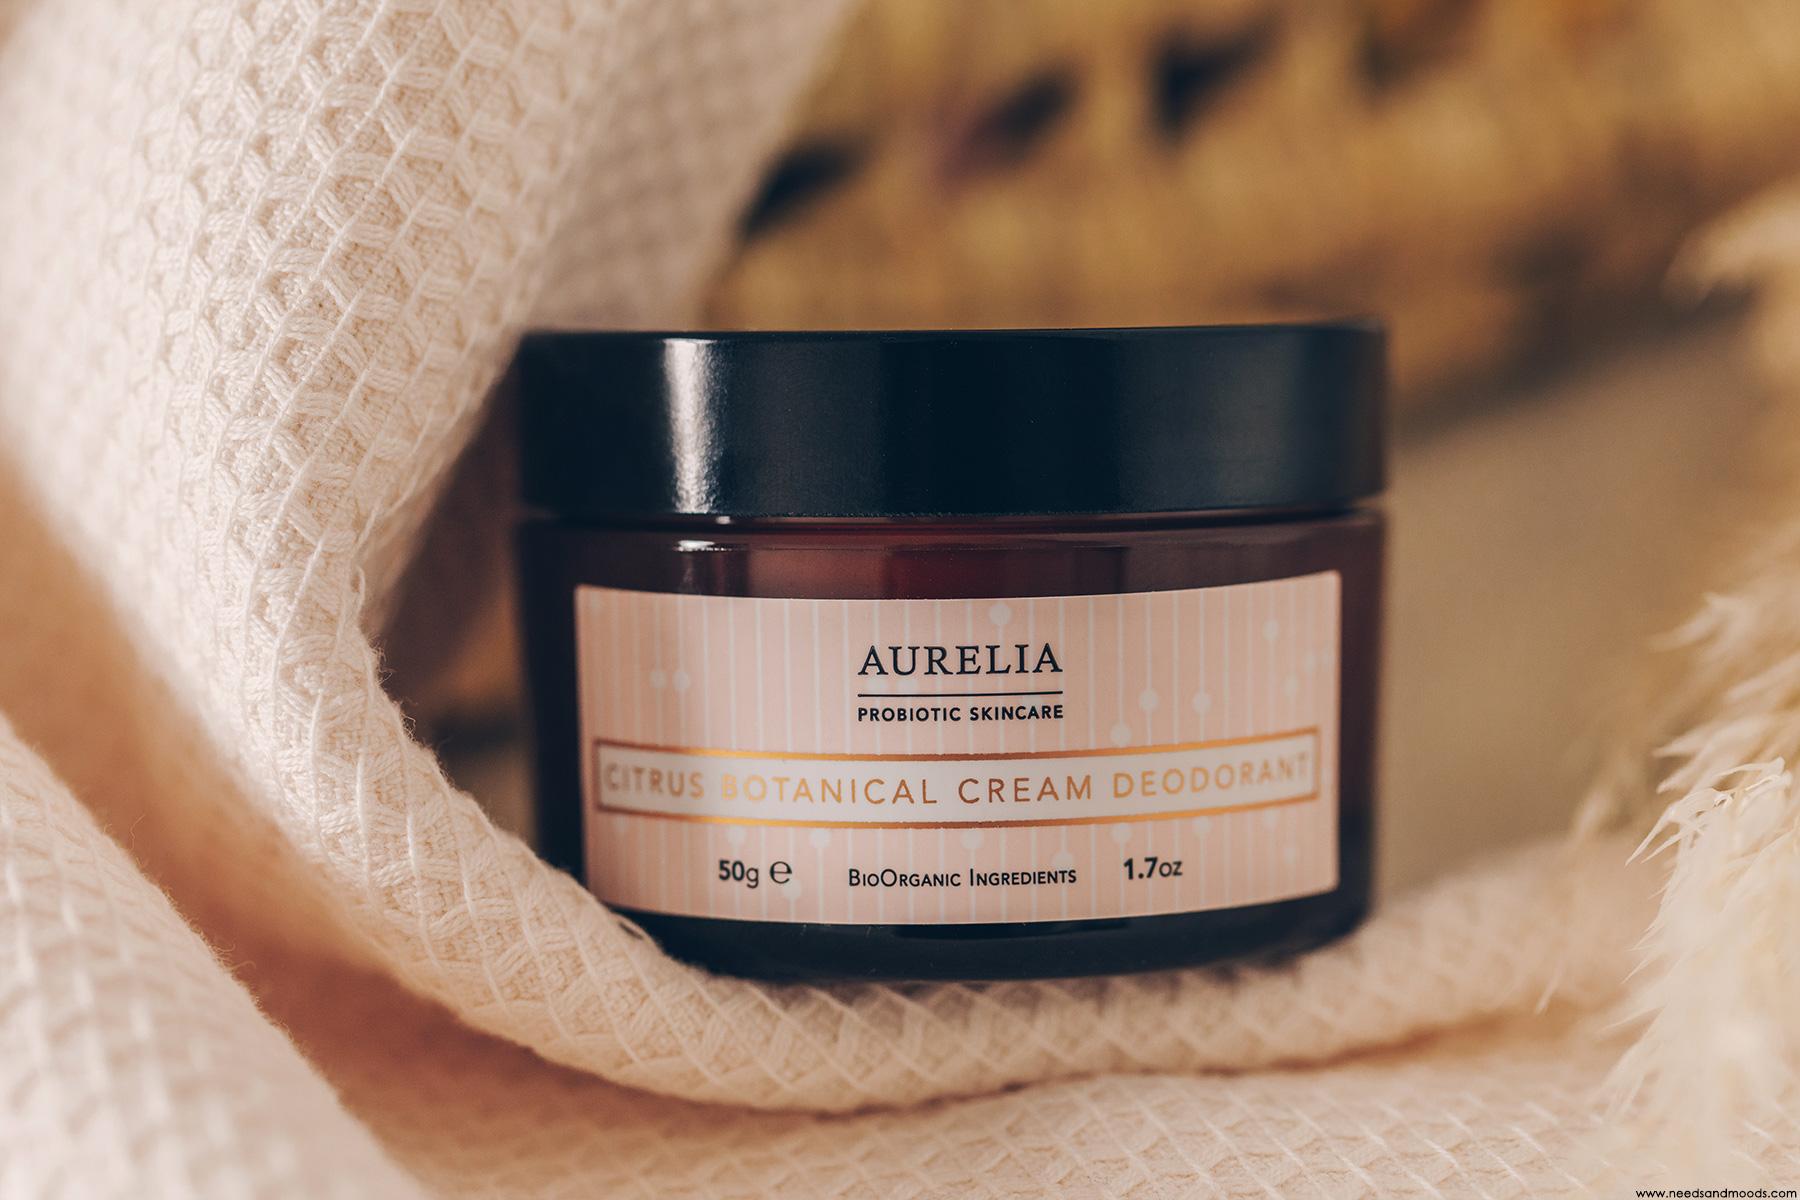 aurelia probiotic skincare deodorant avis